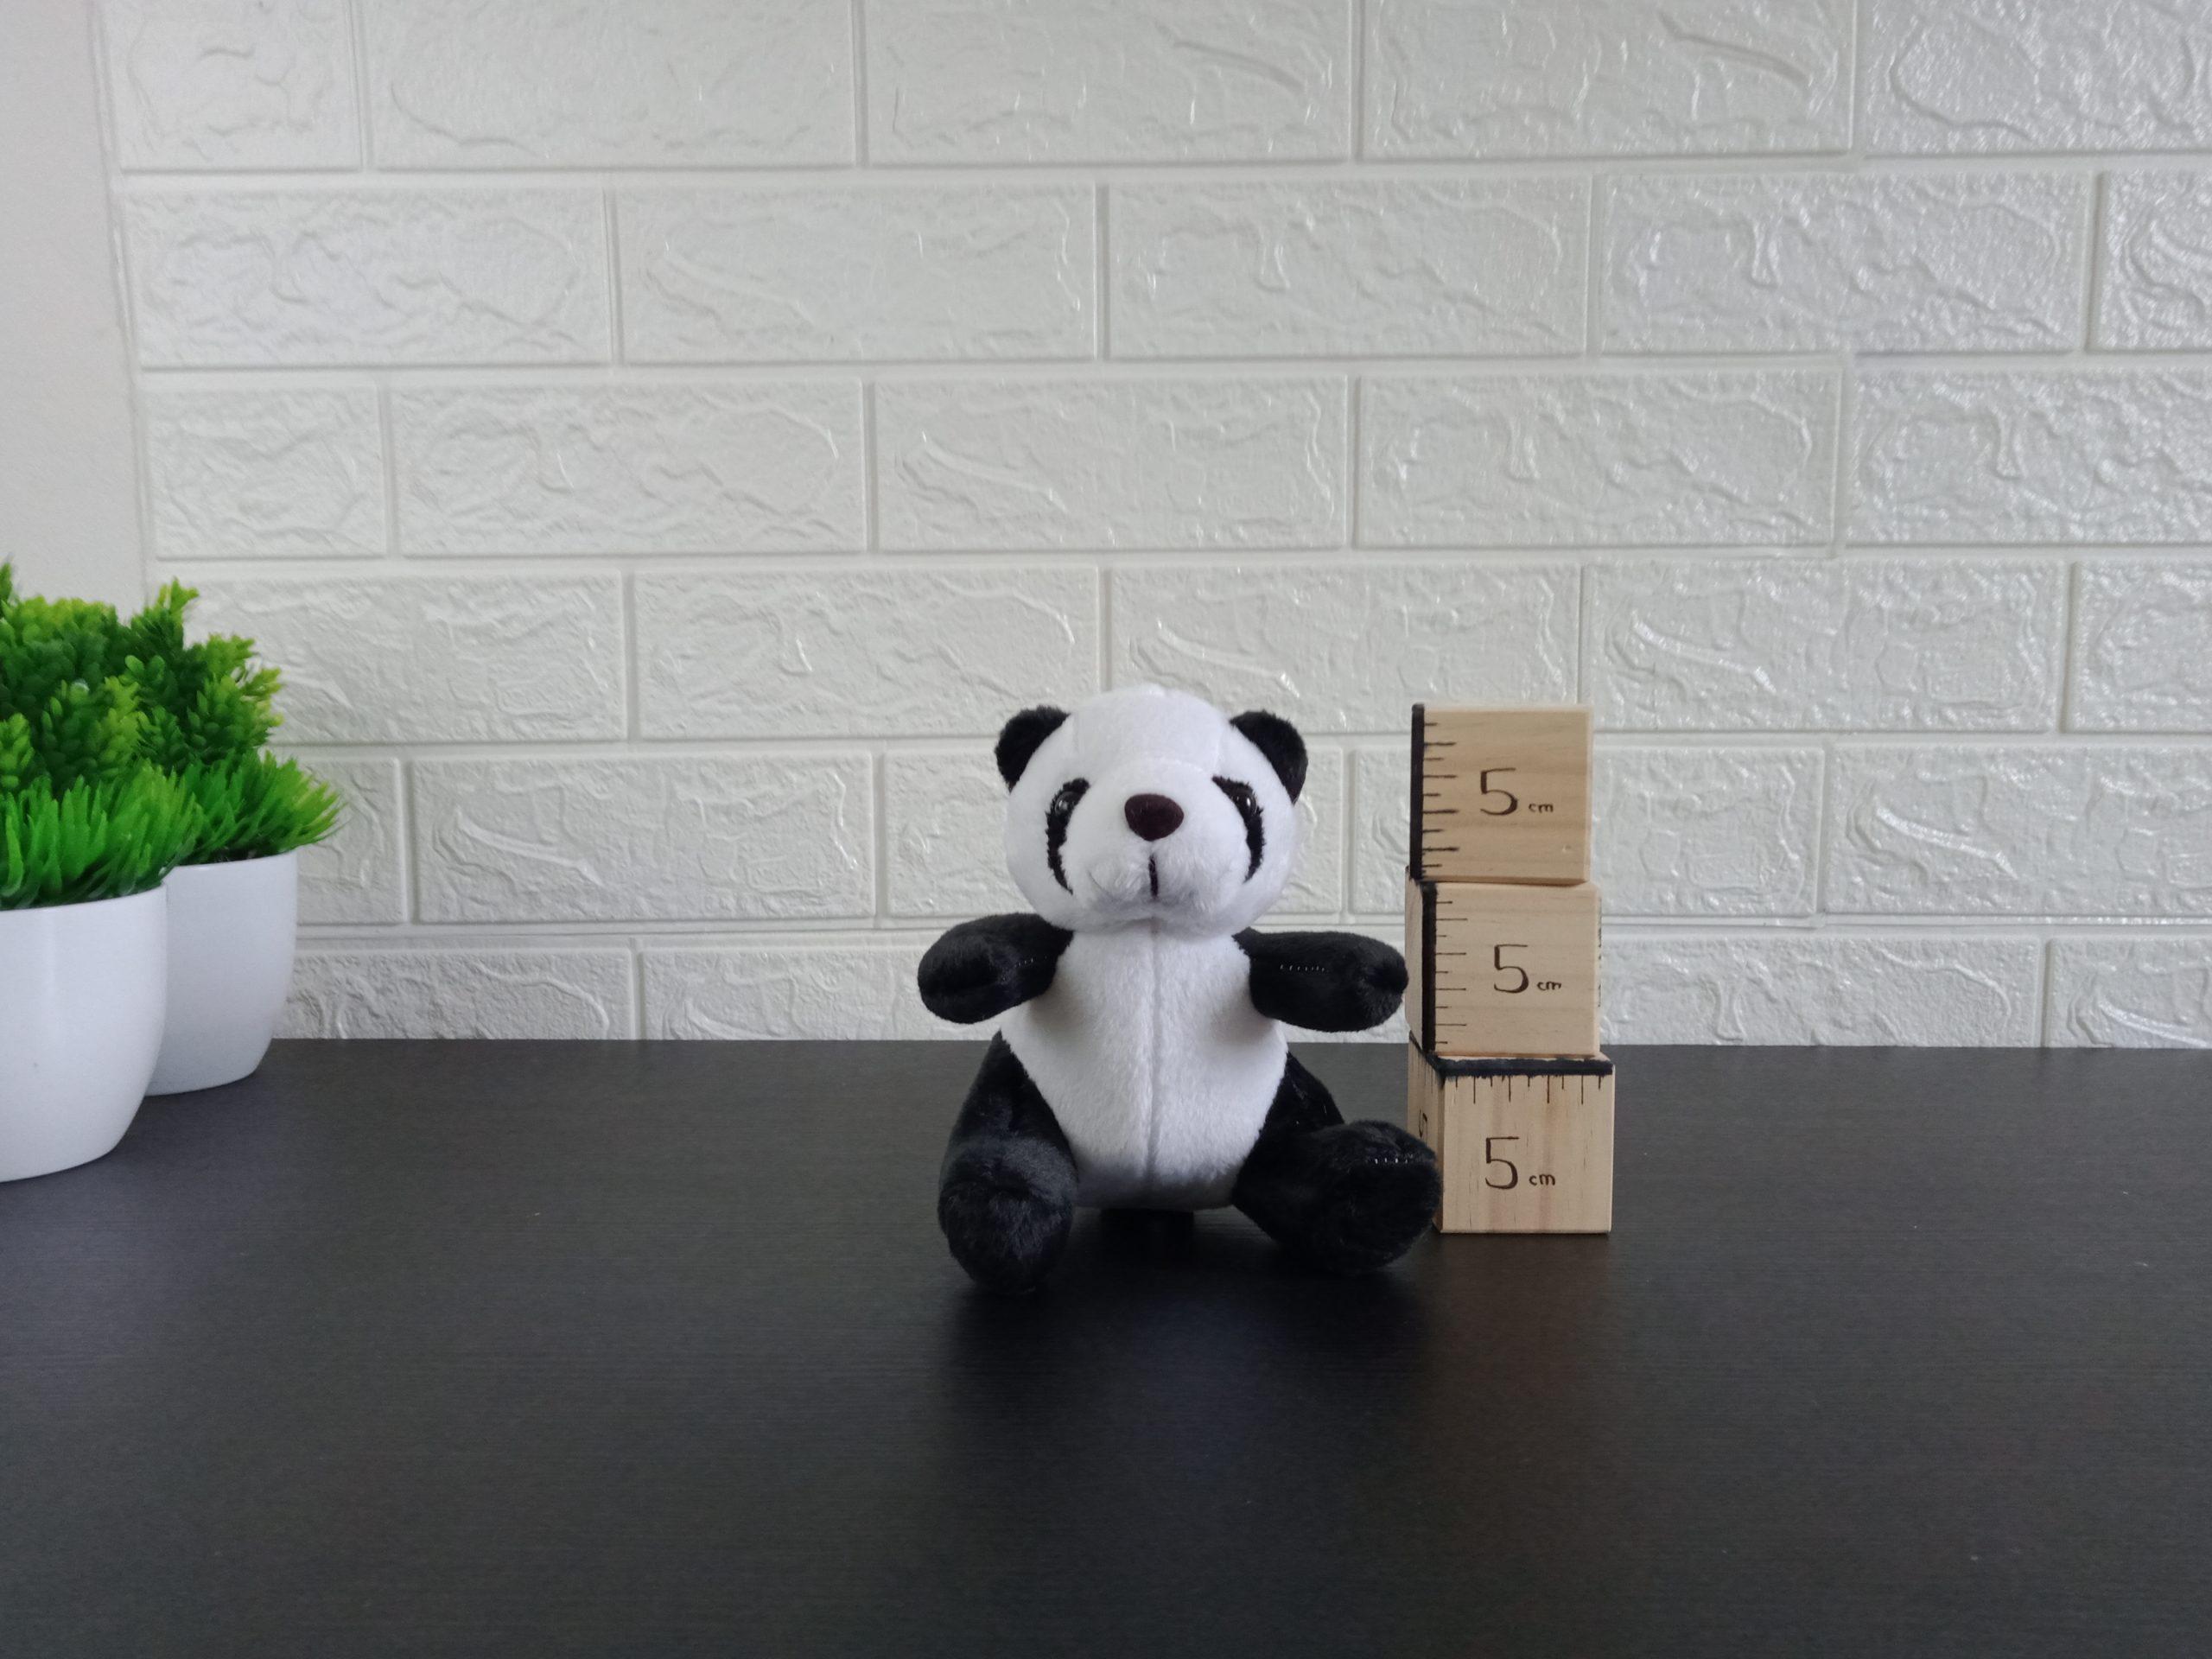 Animal Panda 15cm Image